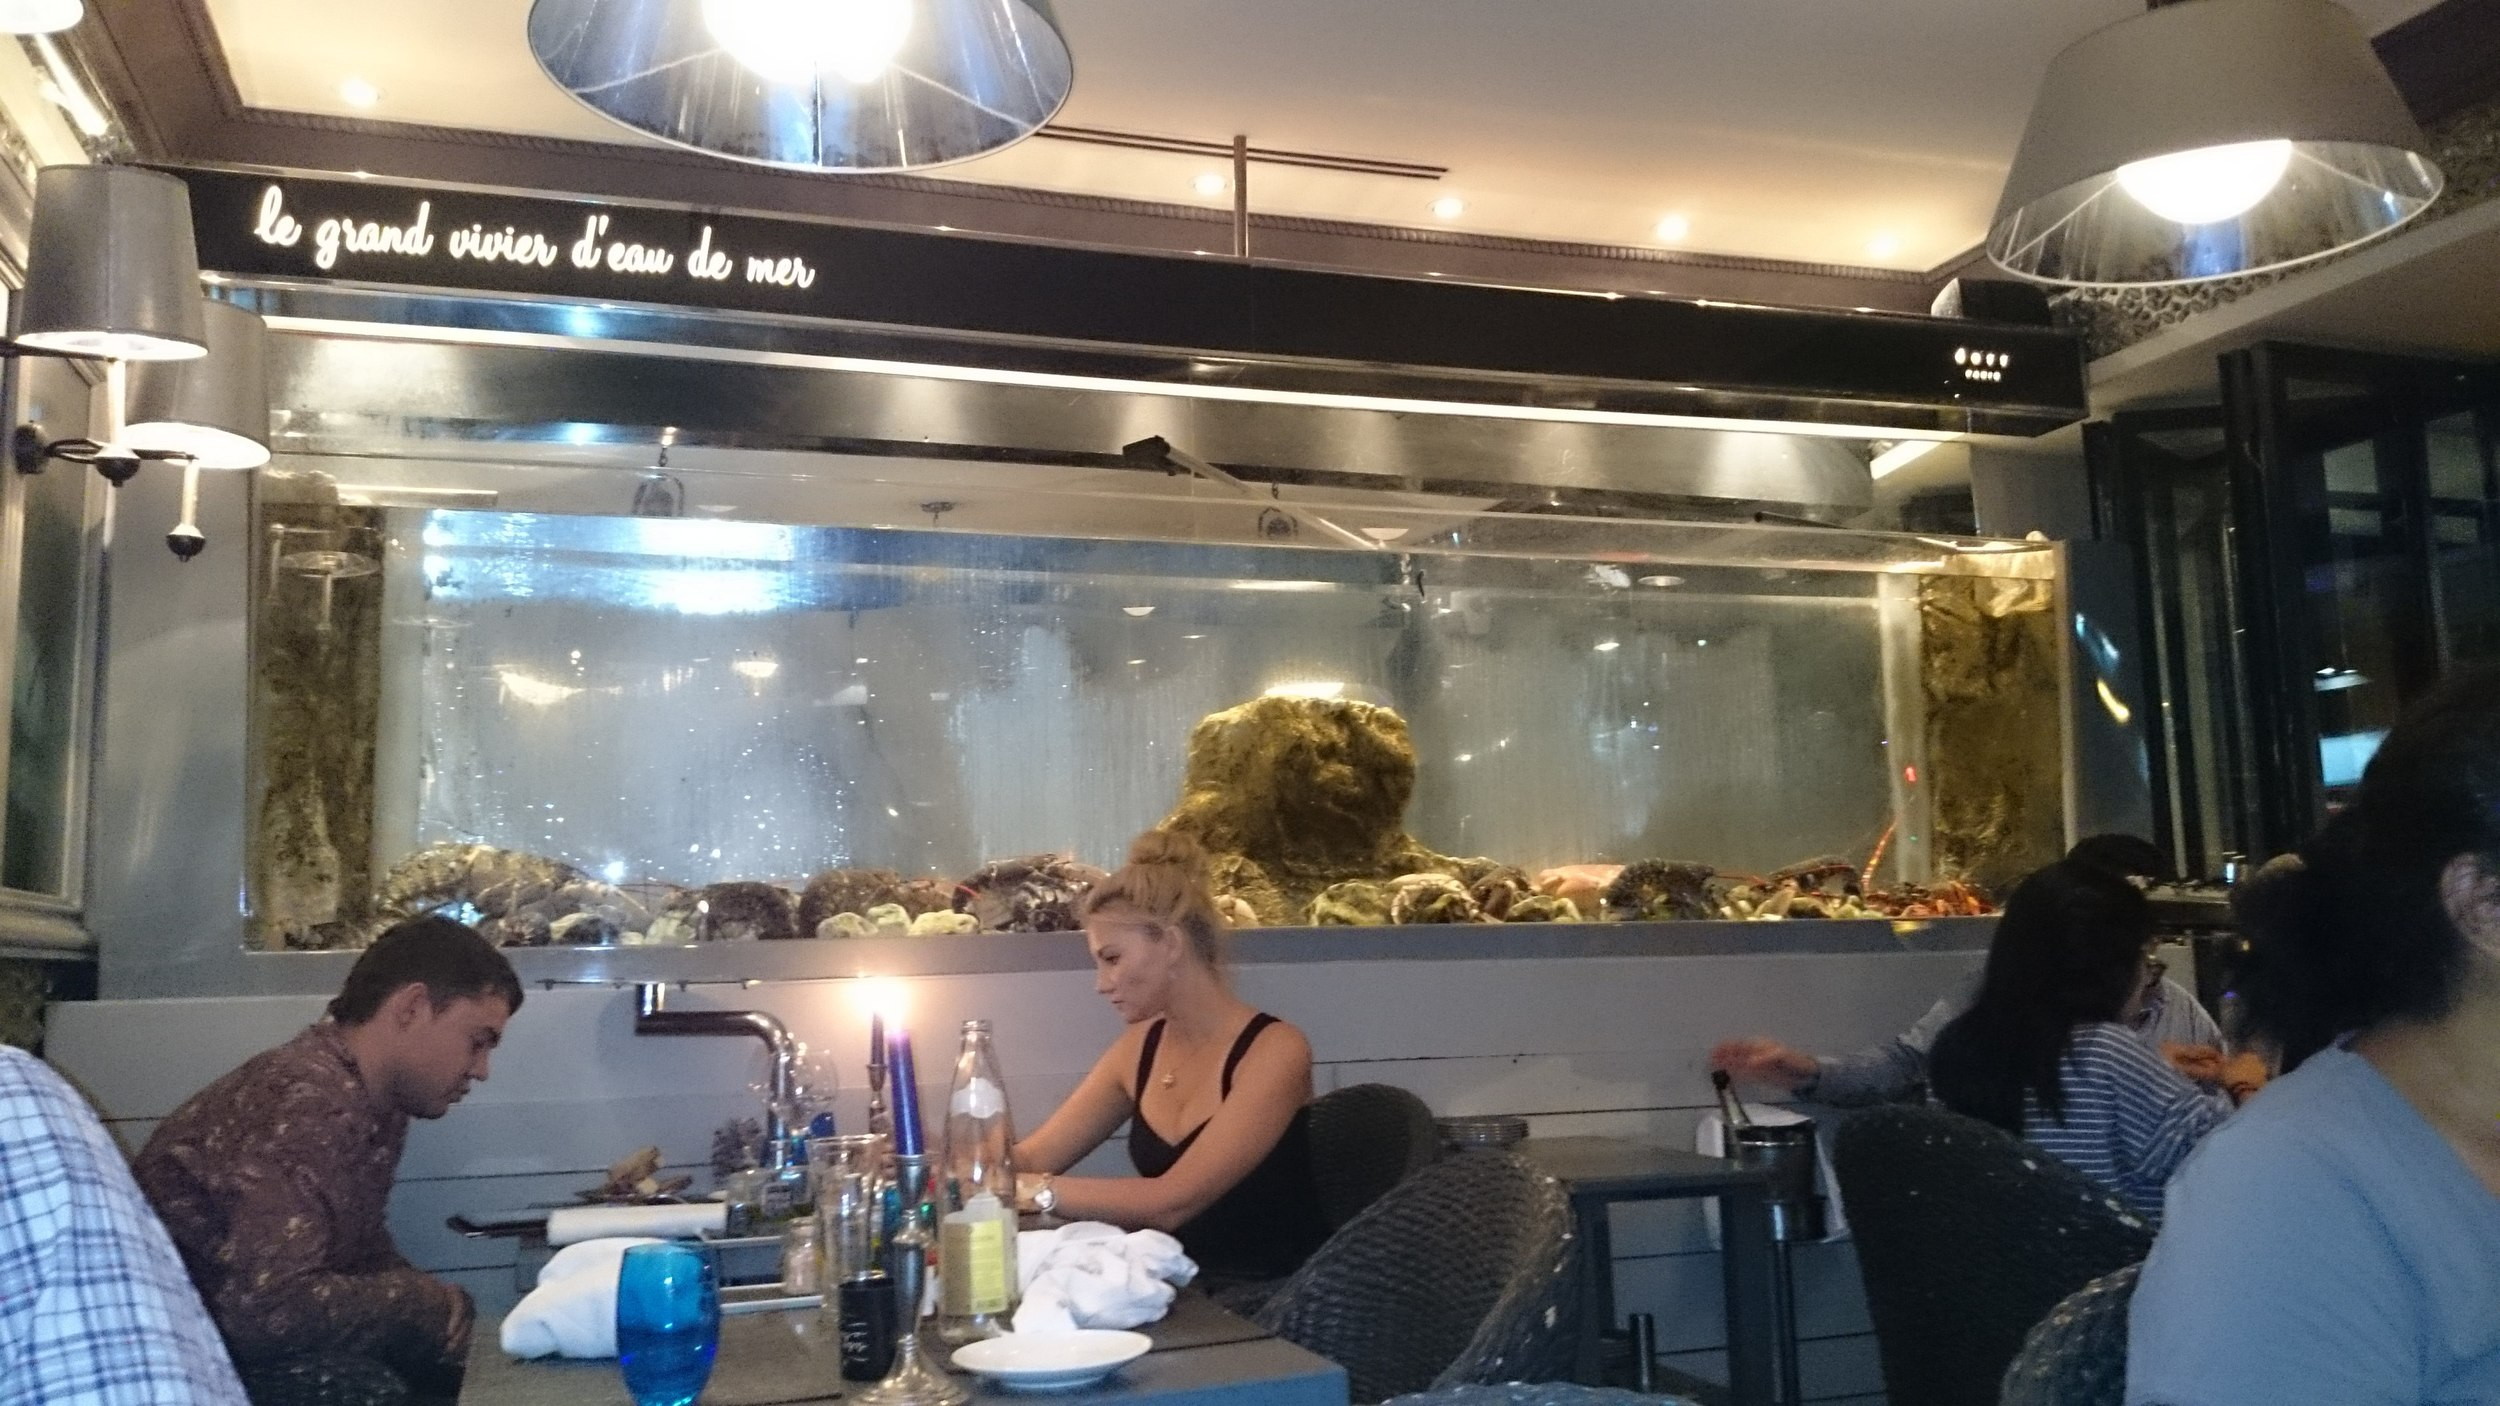 この大きい水槽が印象的。。  Restaurant 「Le bar à Huitres」  32 rue saint- jacques 75005 paris  TEL: +33 144 07 27 37  月曜~日曜 無休 12時 ~24時   http://www.lebarahuitres.com/fr/index.php